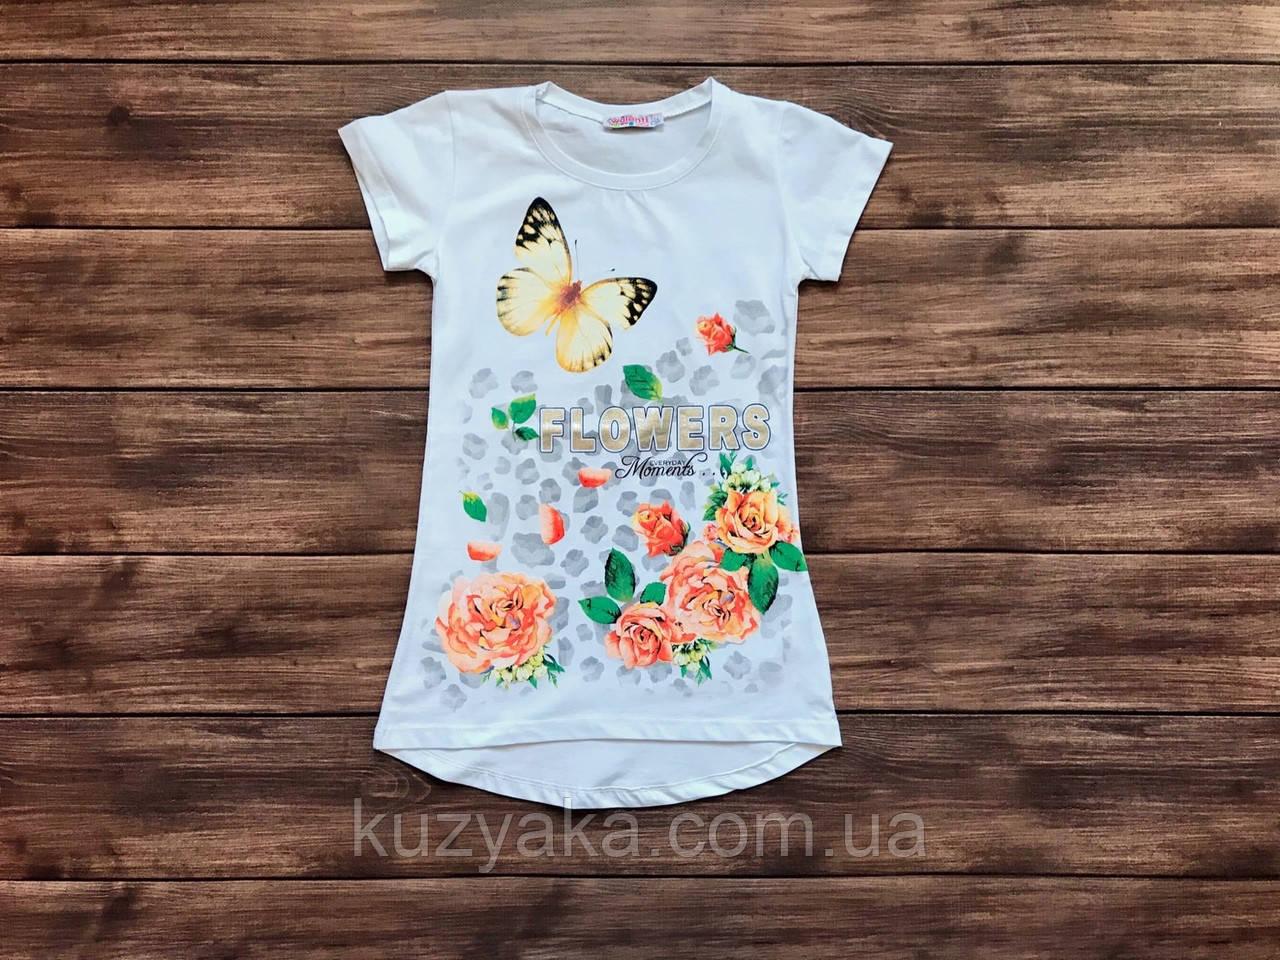 Детская футболка-туника для девочки на 9-13 лет